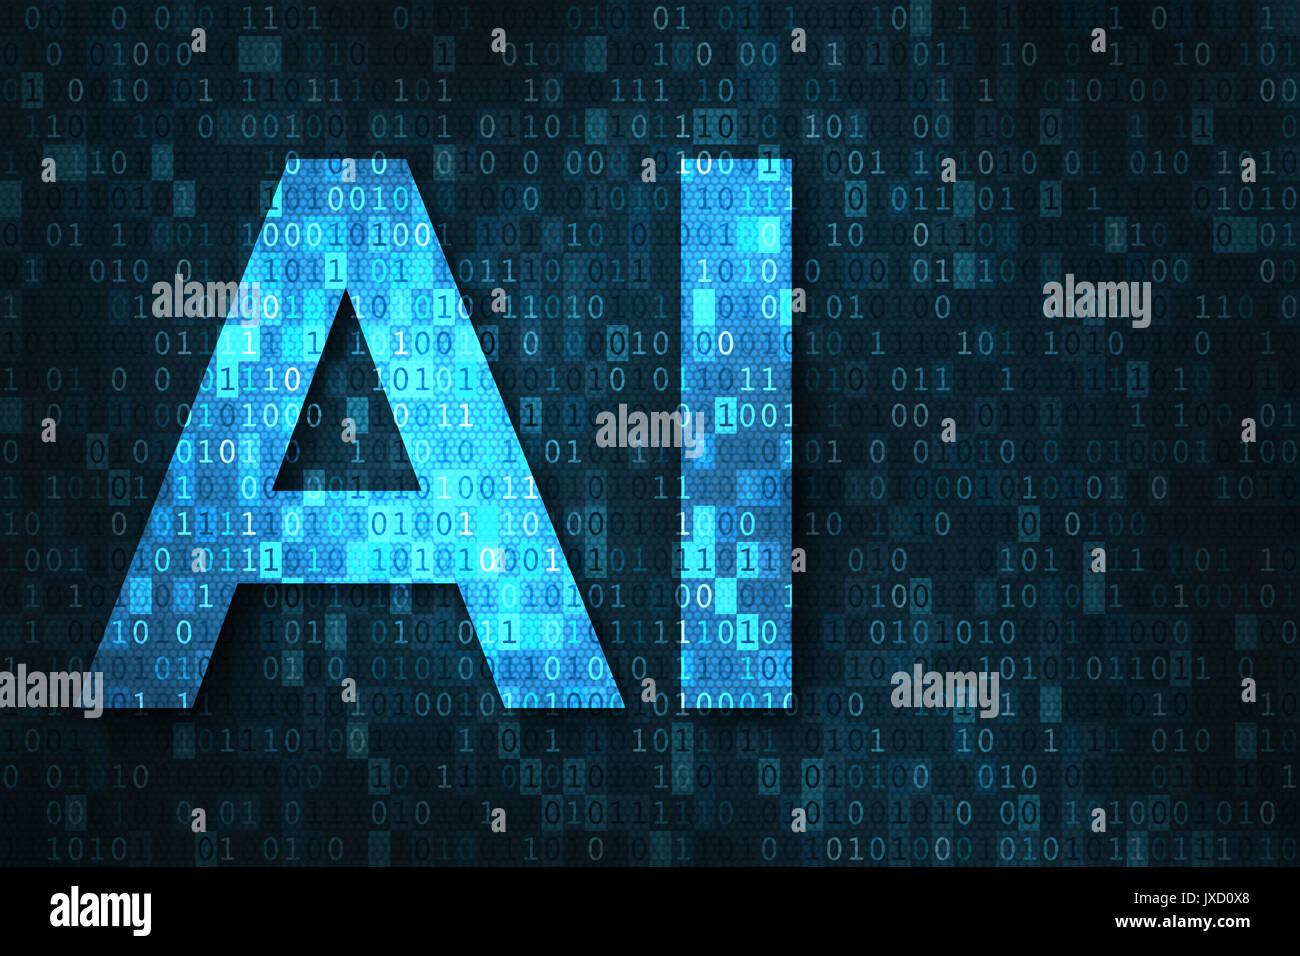 Künstliche Intelligenz Abbildung mit blauem Text AI über binäre Code matrix Hintergrund. Abstrakte Konzept der Cyber-Technologie und Automatisierung Stockbild